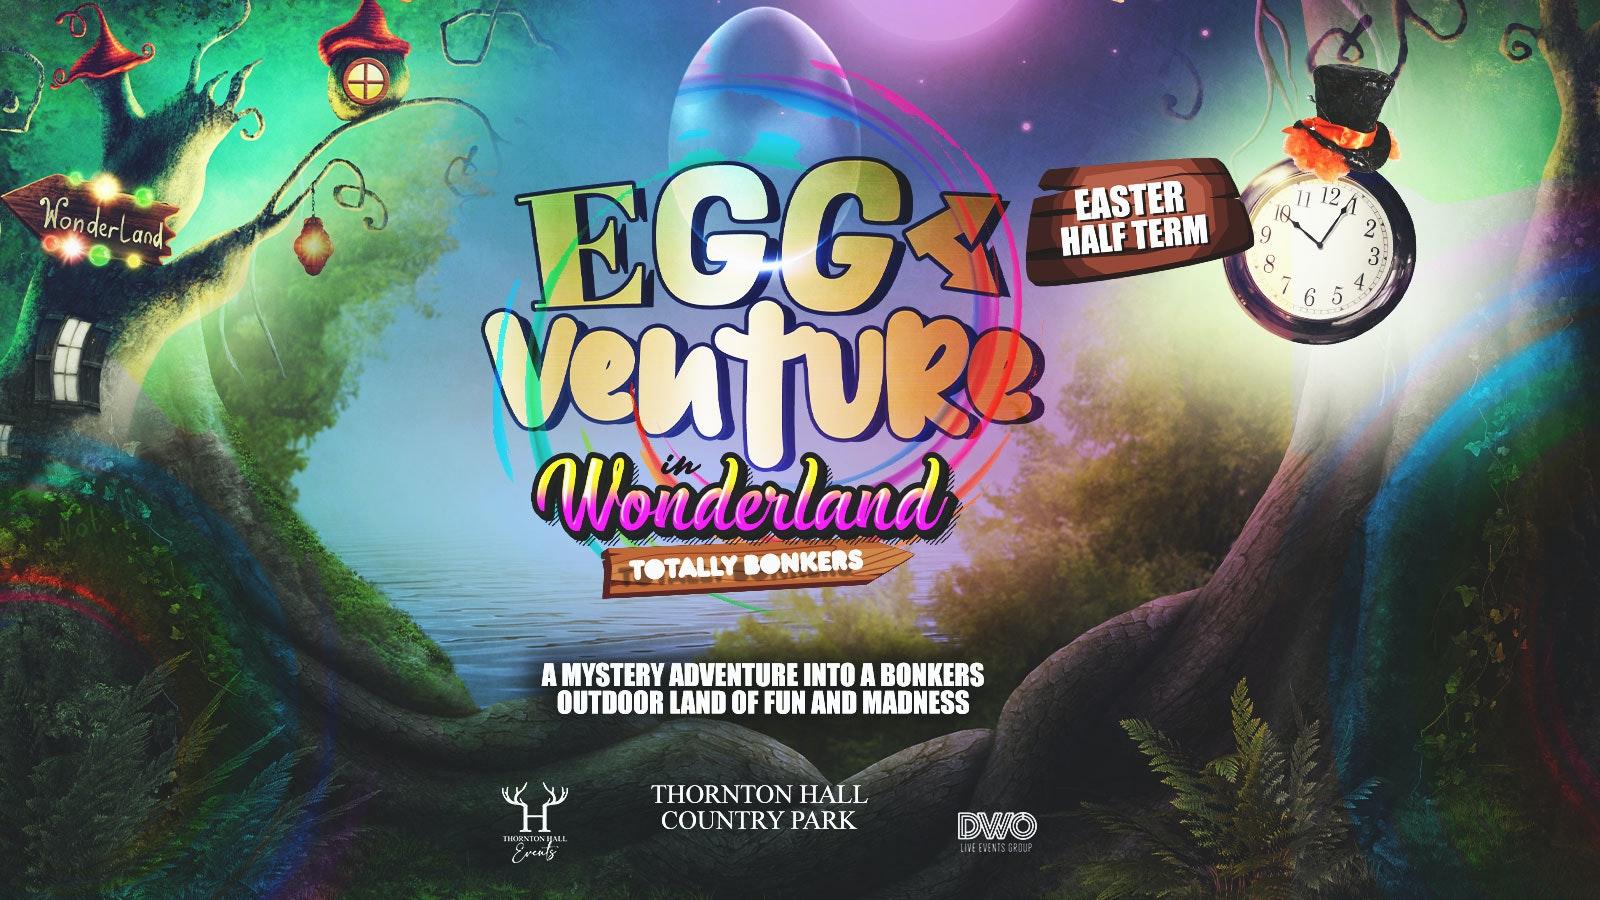 EggVenture in Wonderland – Saturday 10th April – 10.30am